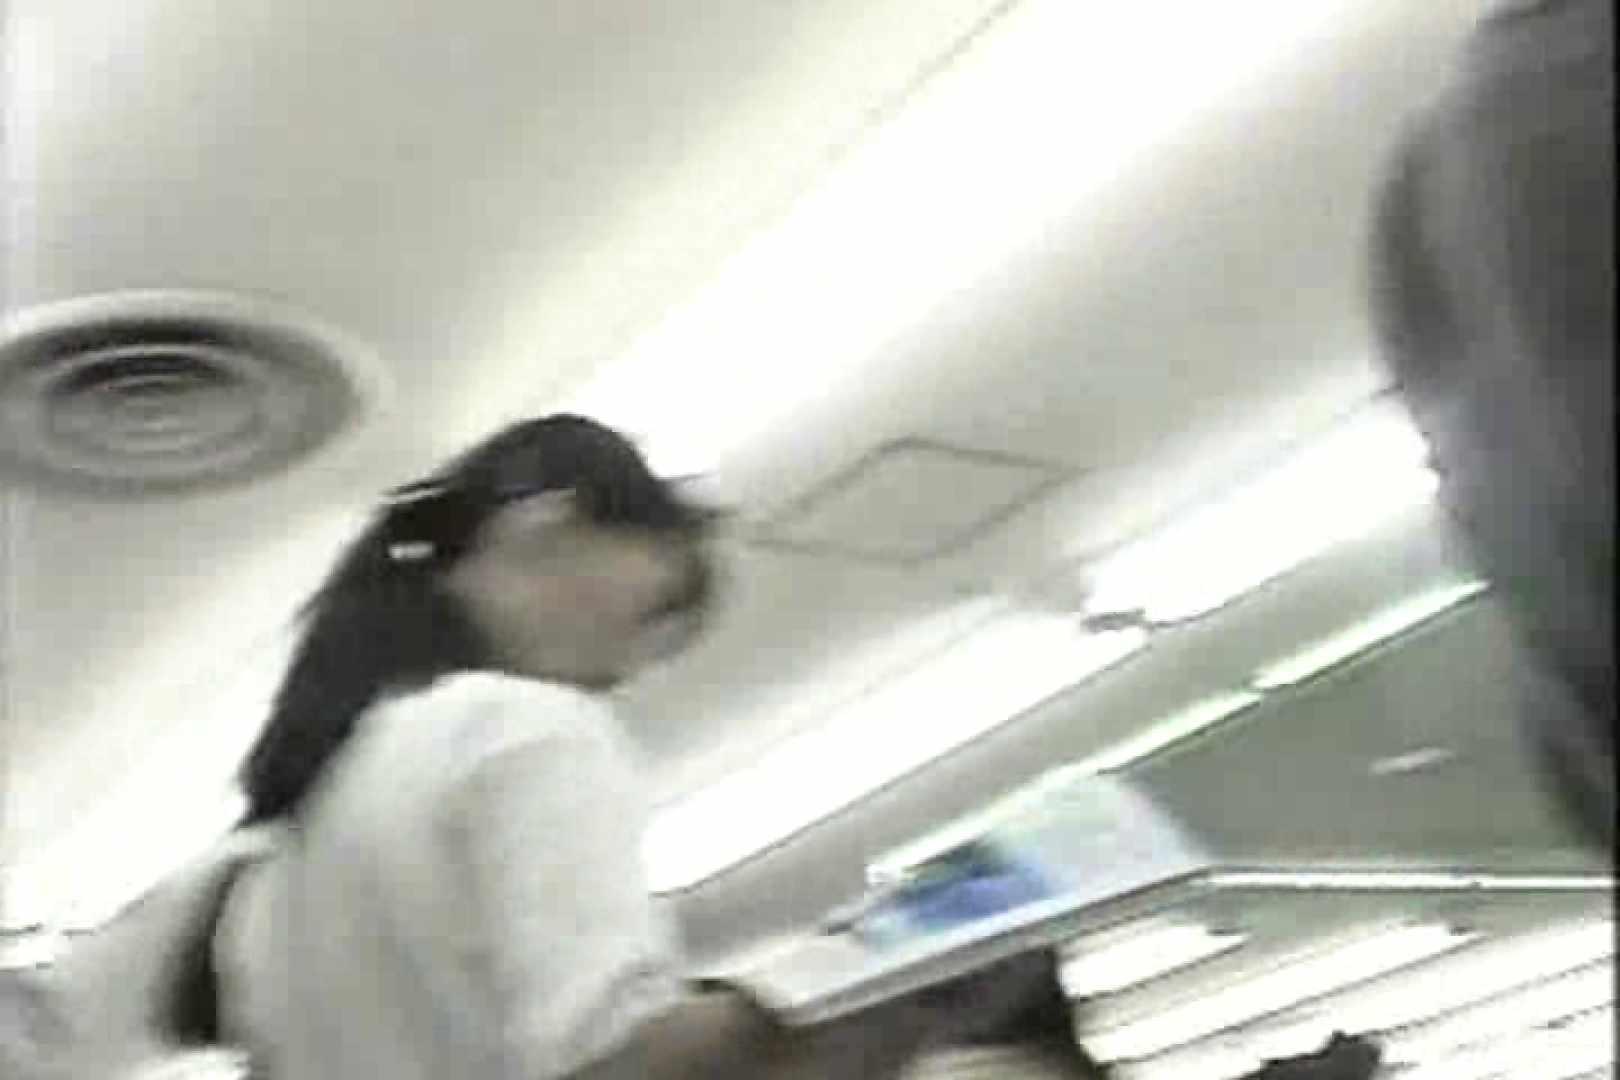 投稿盗撮 女子の下着の考察TK-043 盗撮 えろ無修正画像 57画像 19